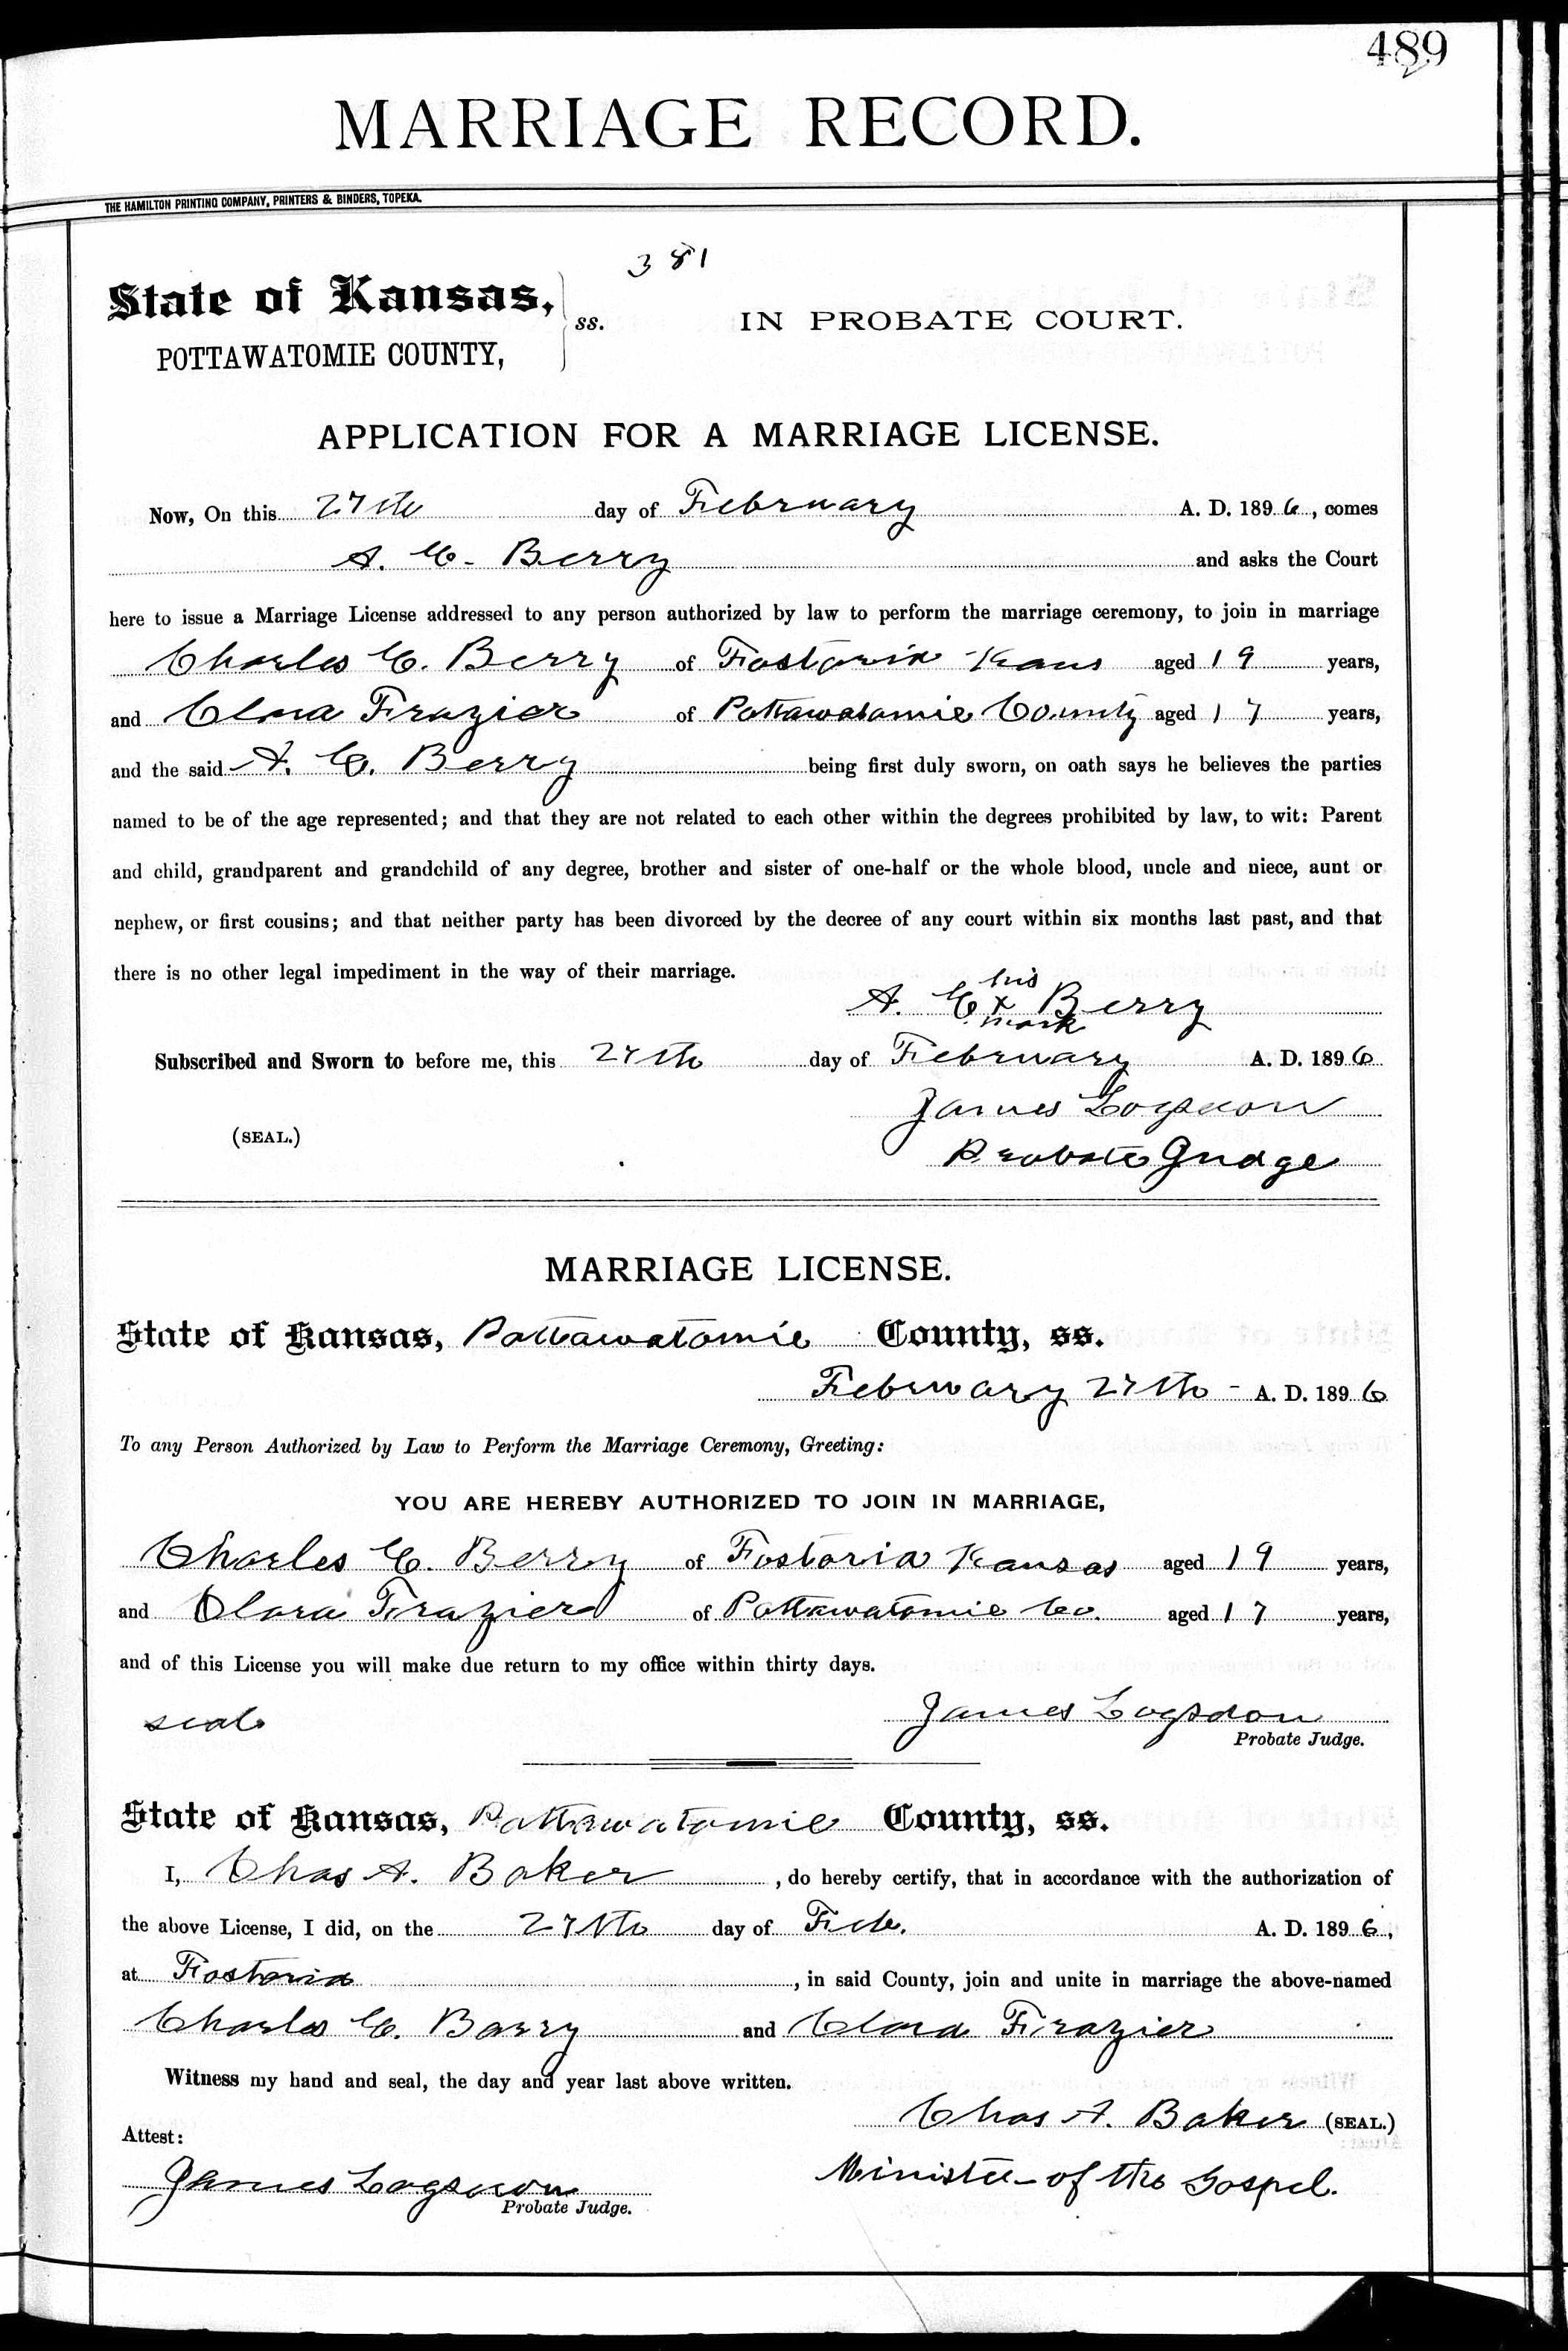 Kansas pottawatomie county fostoria - Noted Events In Their Marriage Were Marriage 27 Feb 1896 Fostoria Pottawatomie Kansas